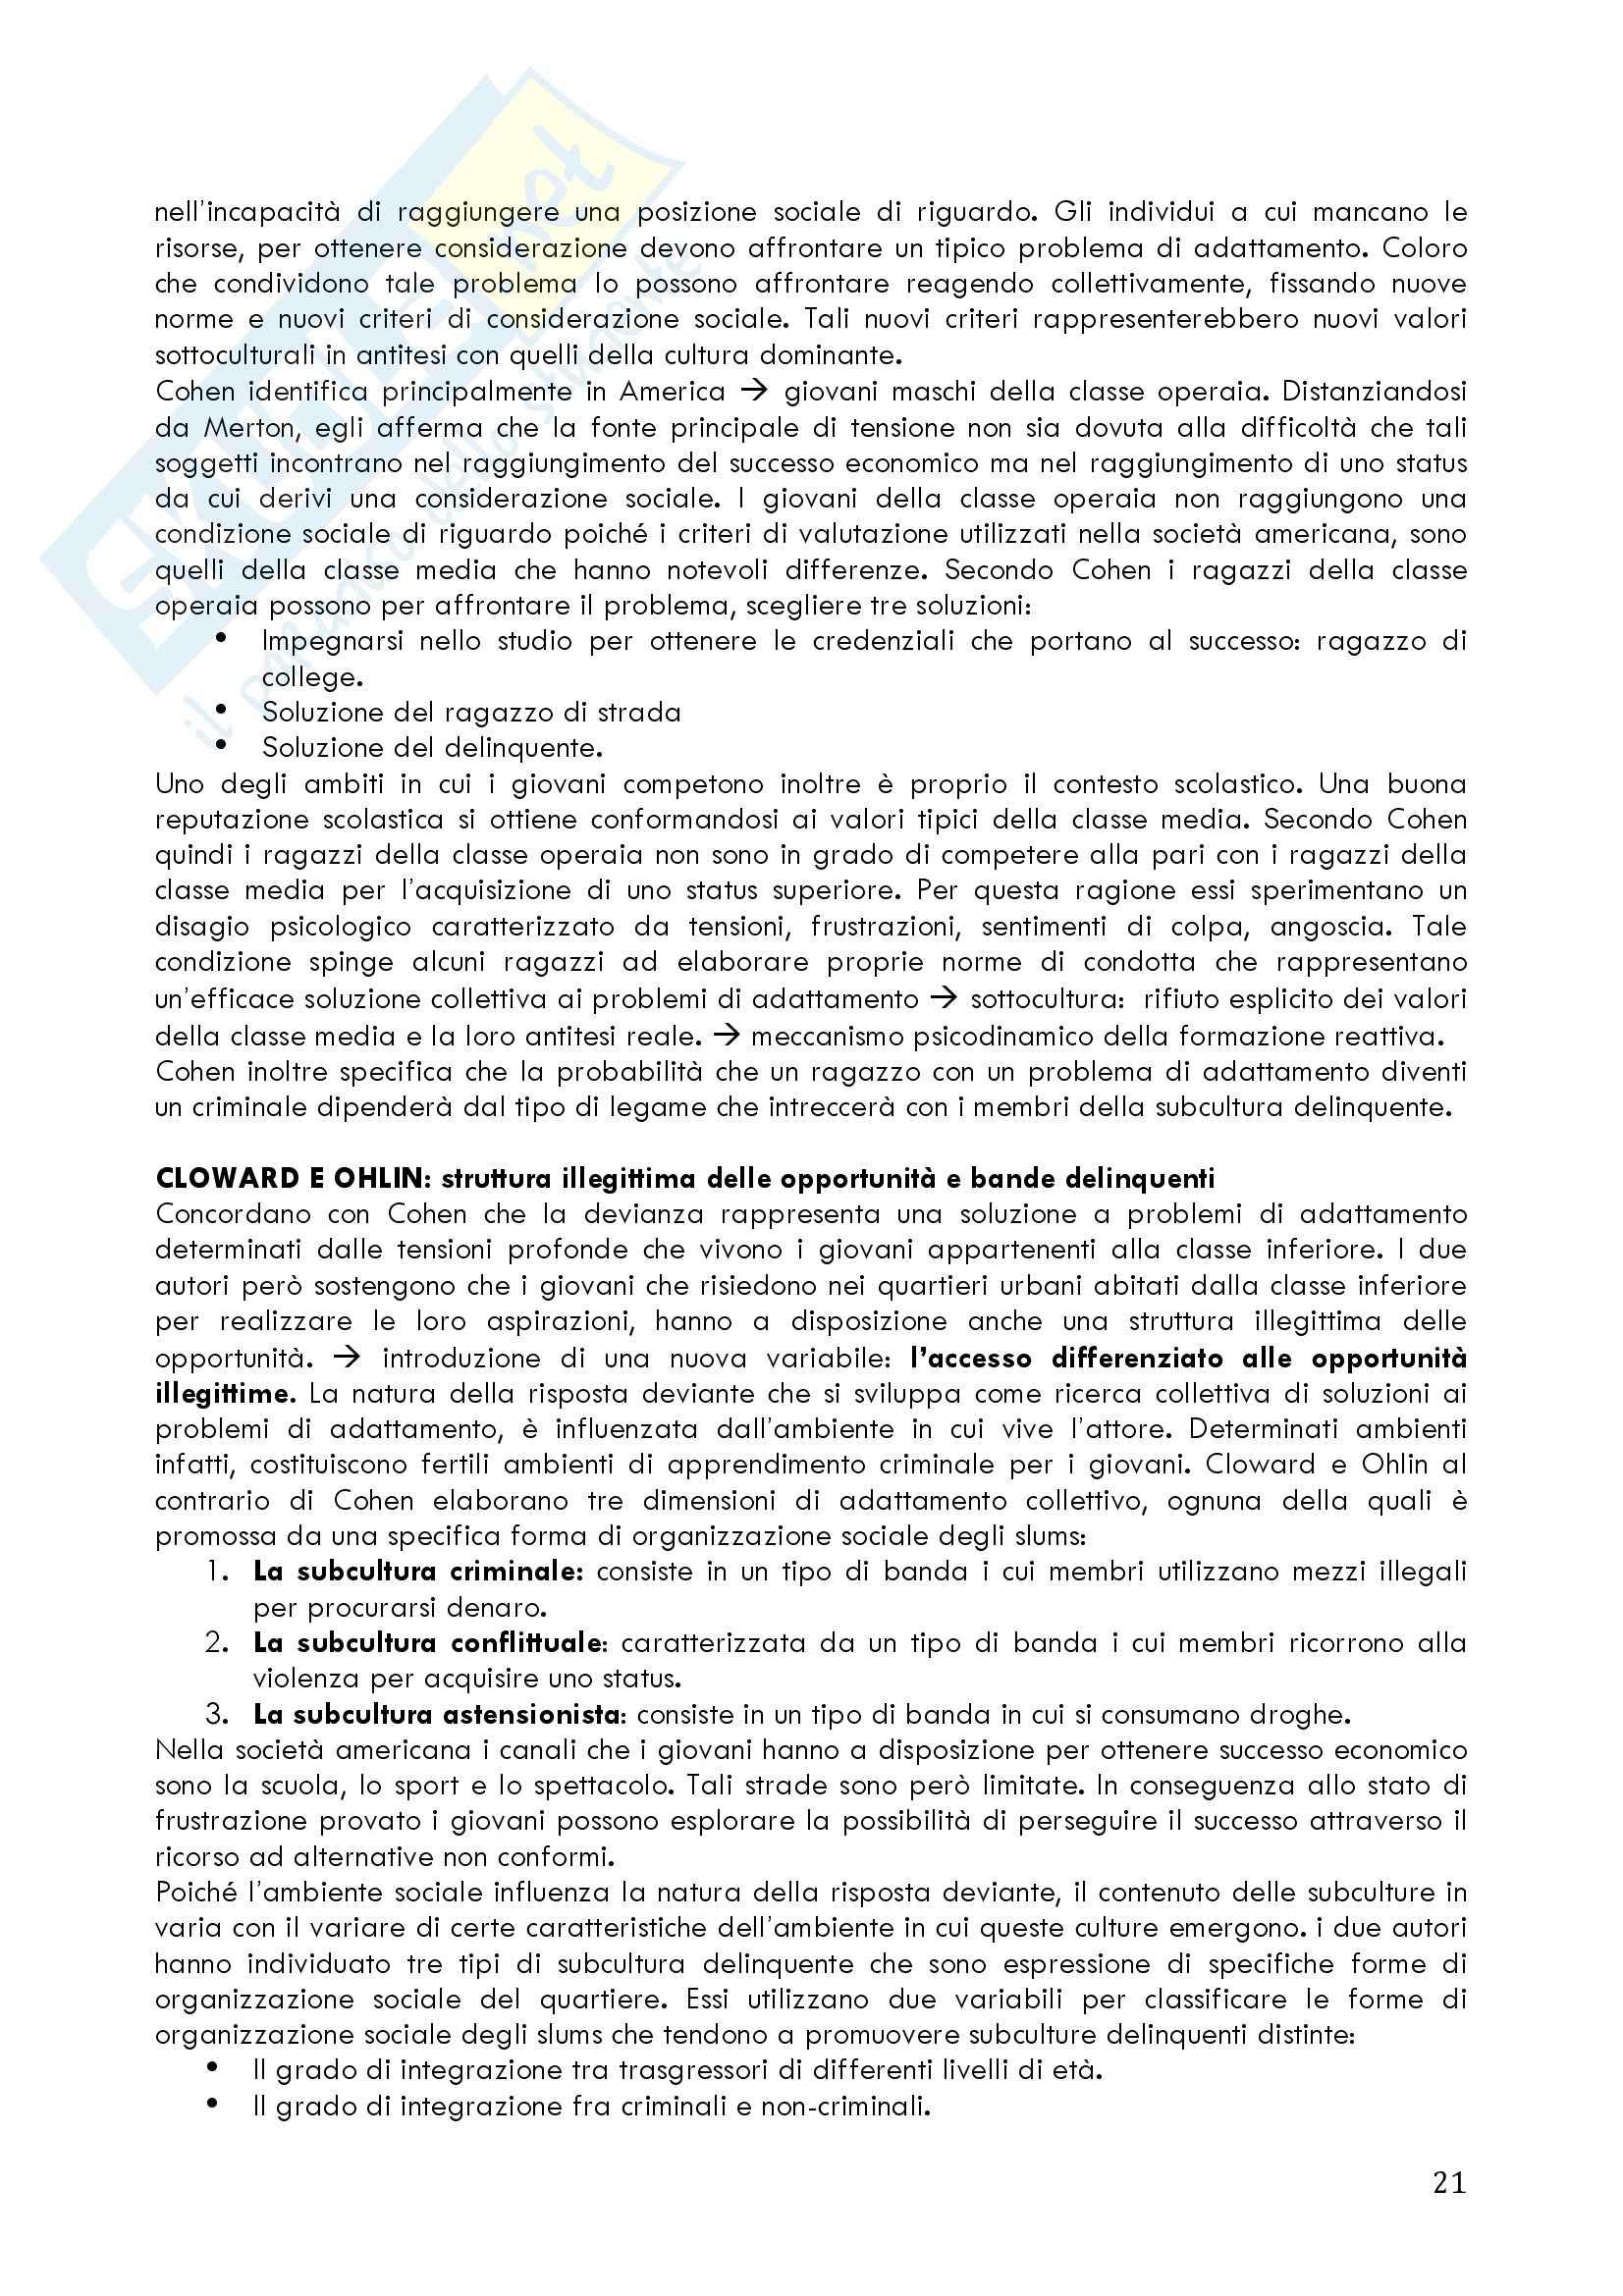 Riassunto esame Sociologia delle devianza, prof. Prina, libri consigliati Il consumo di droghe, Scarscelli e La devianza come sociologia, Cipolla Pag. 21